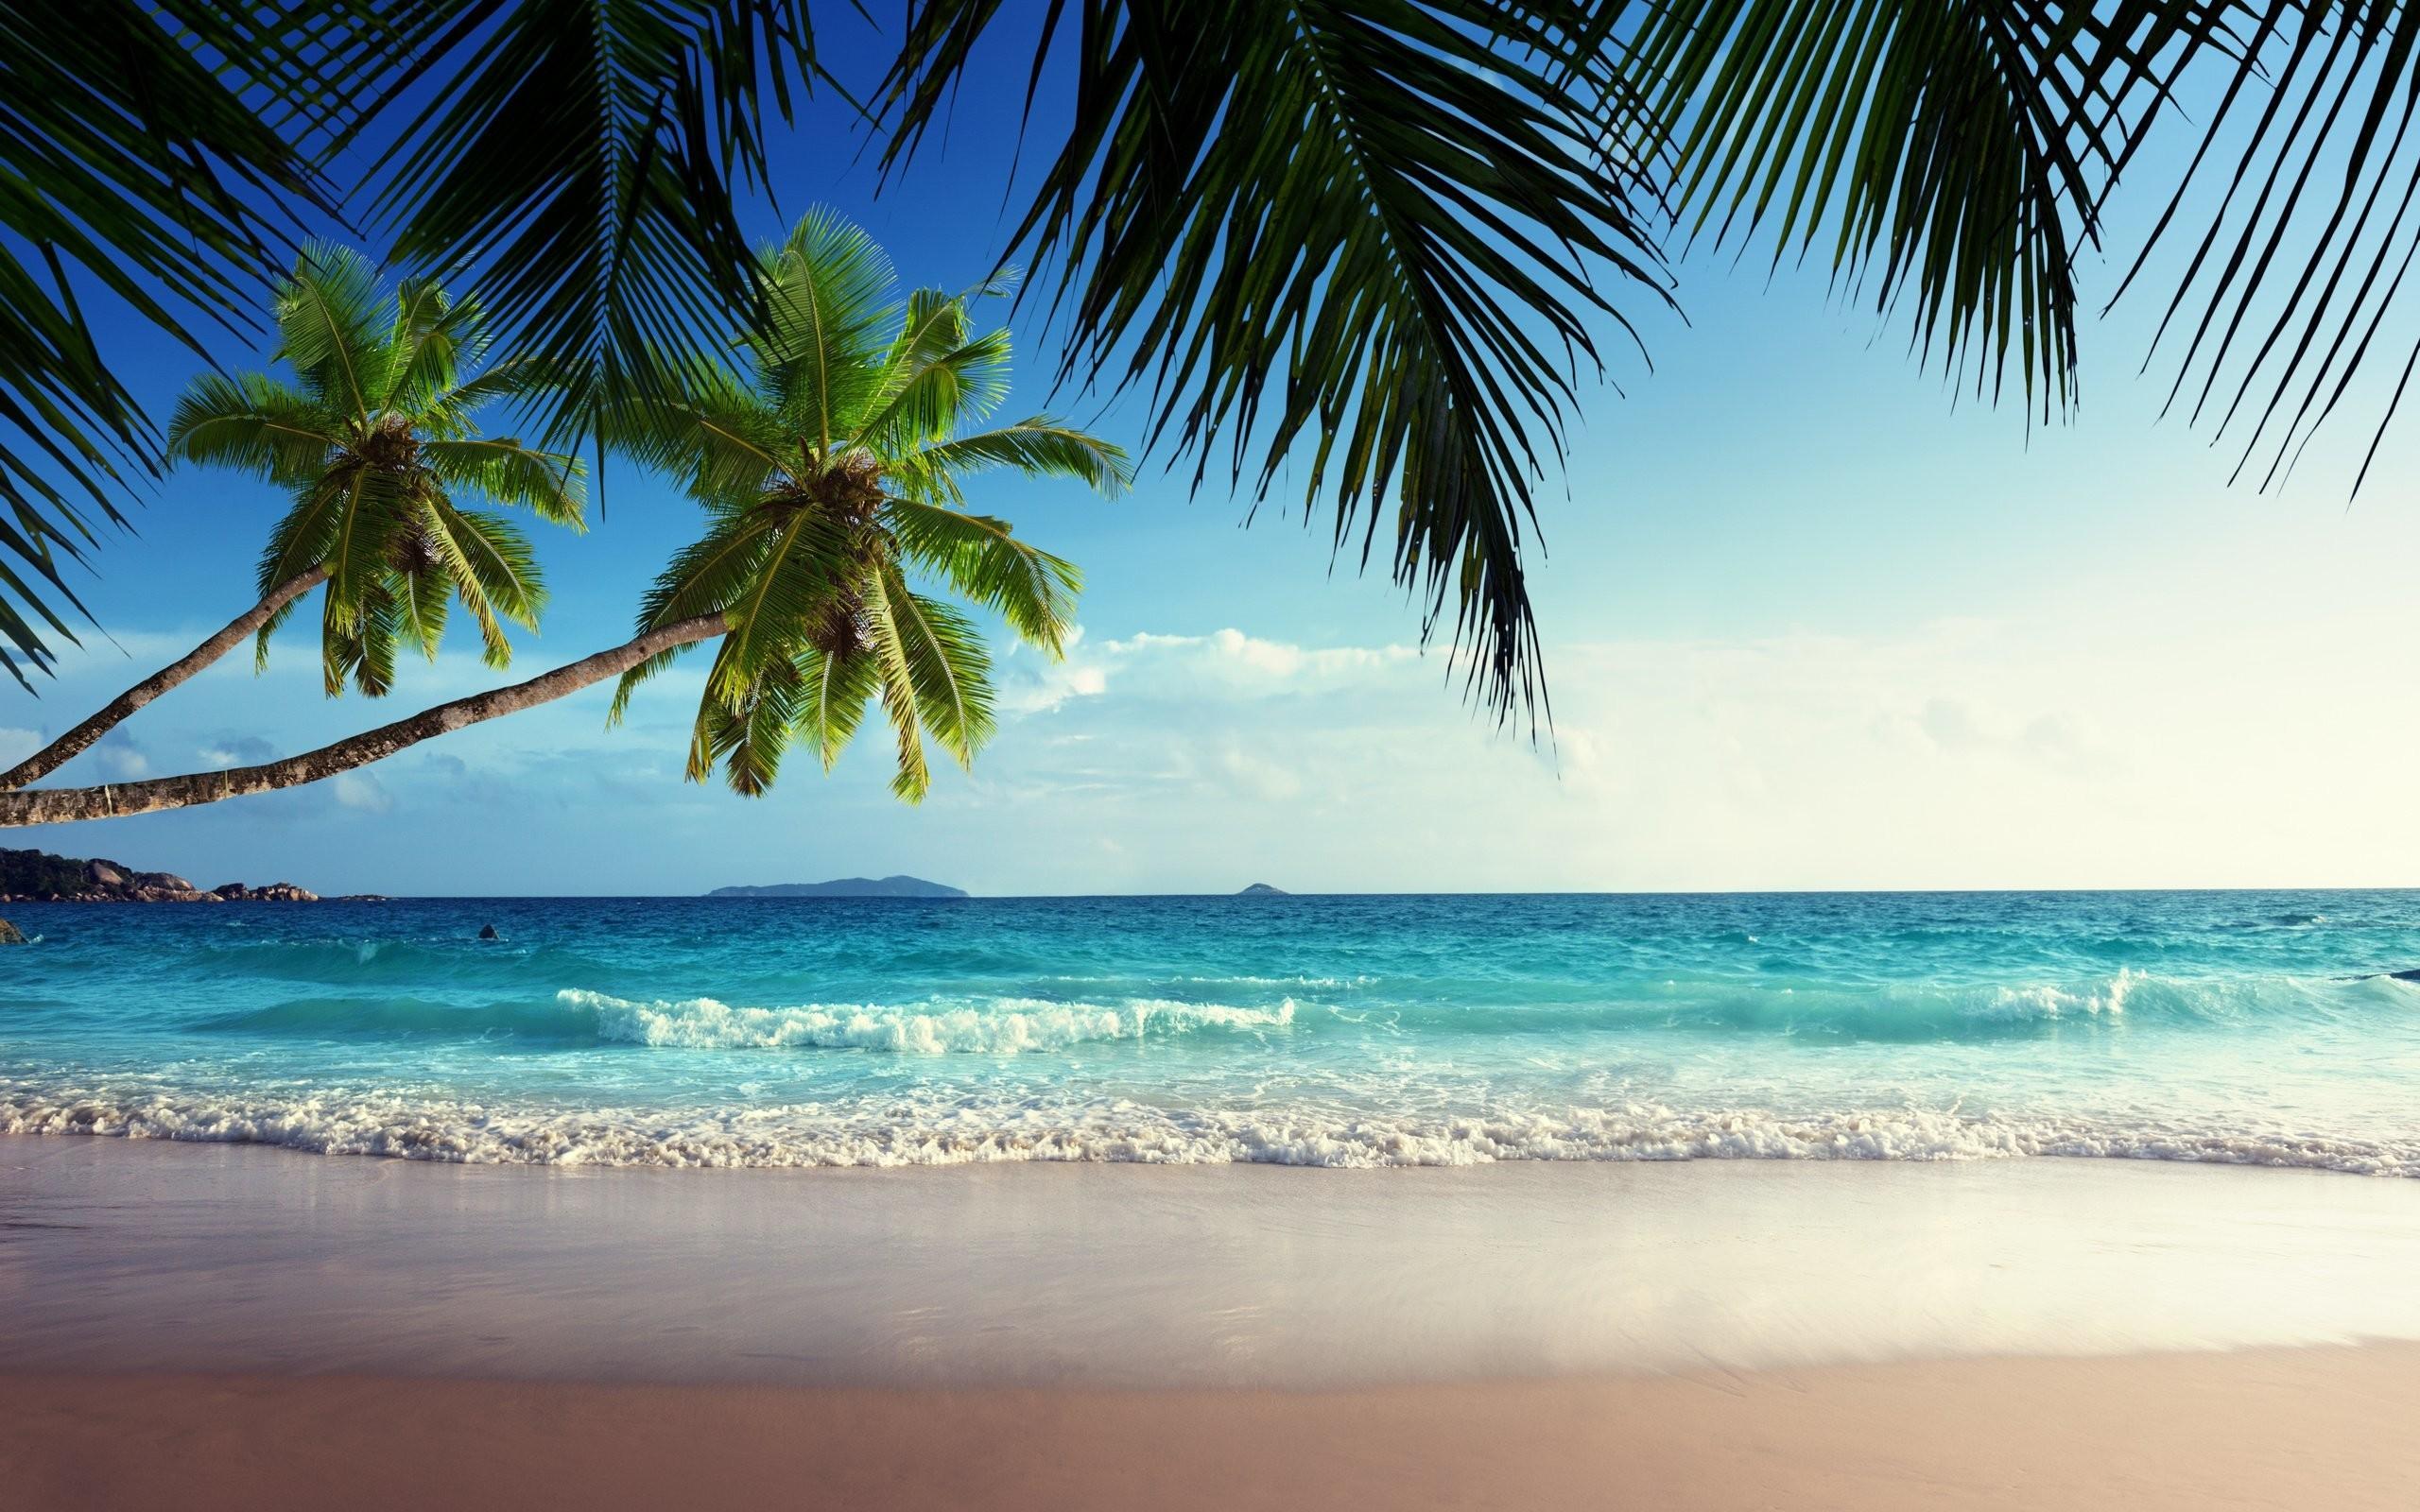 Beach Desktop Wallpaper 60 Pictures